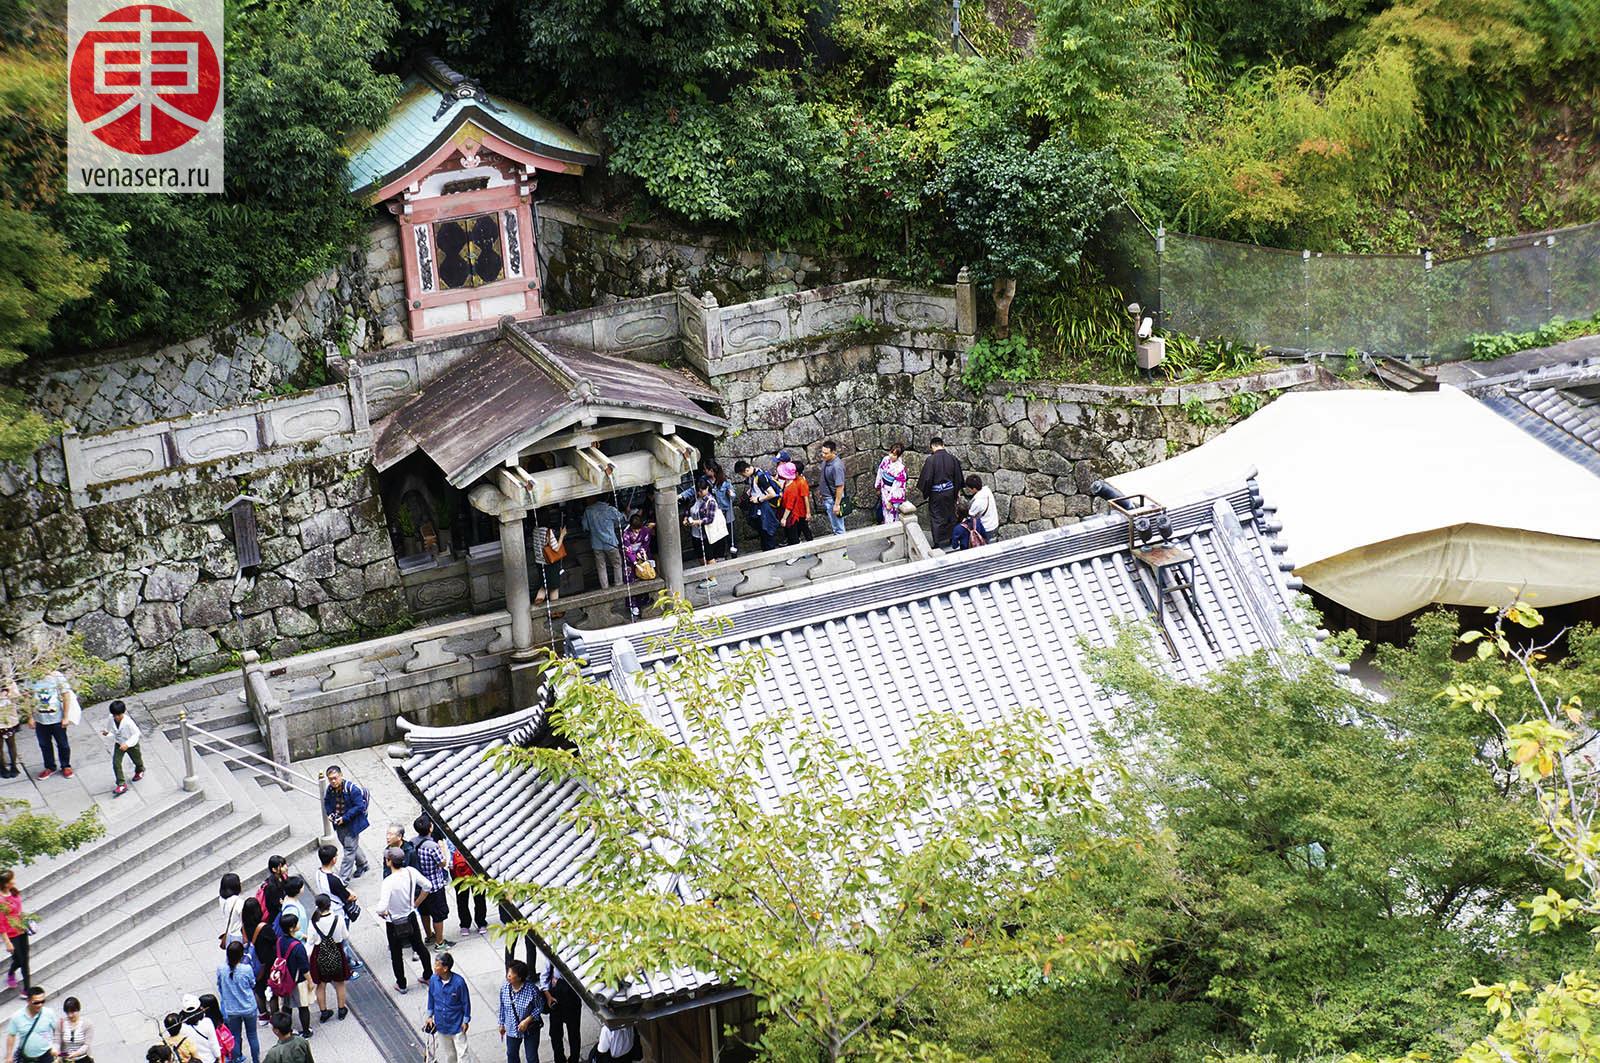 Отова Но Таки в Киёмидзу-дэра, Храм Киёмидзу-дэра в Киото, 清水寺, Киото, Kyoto, 京都, Япония, Japan, 日本.